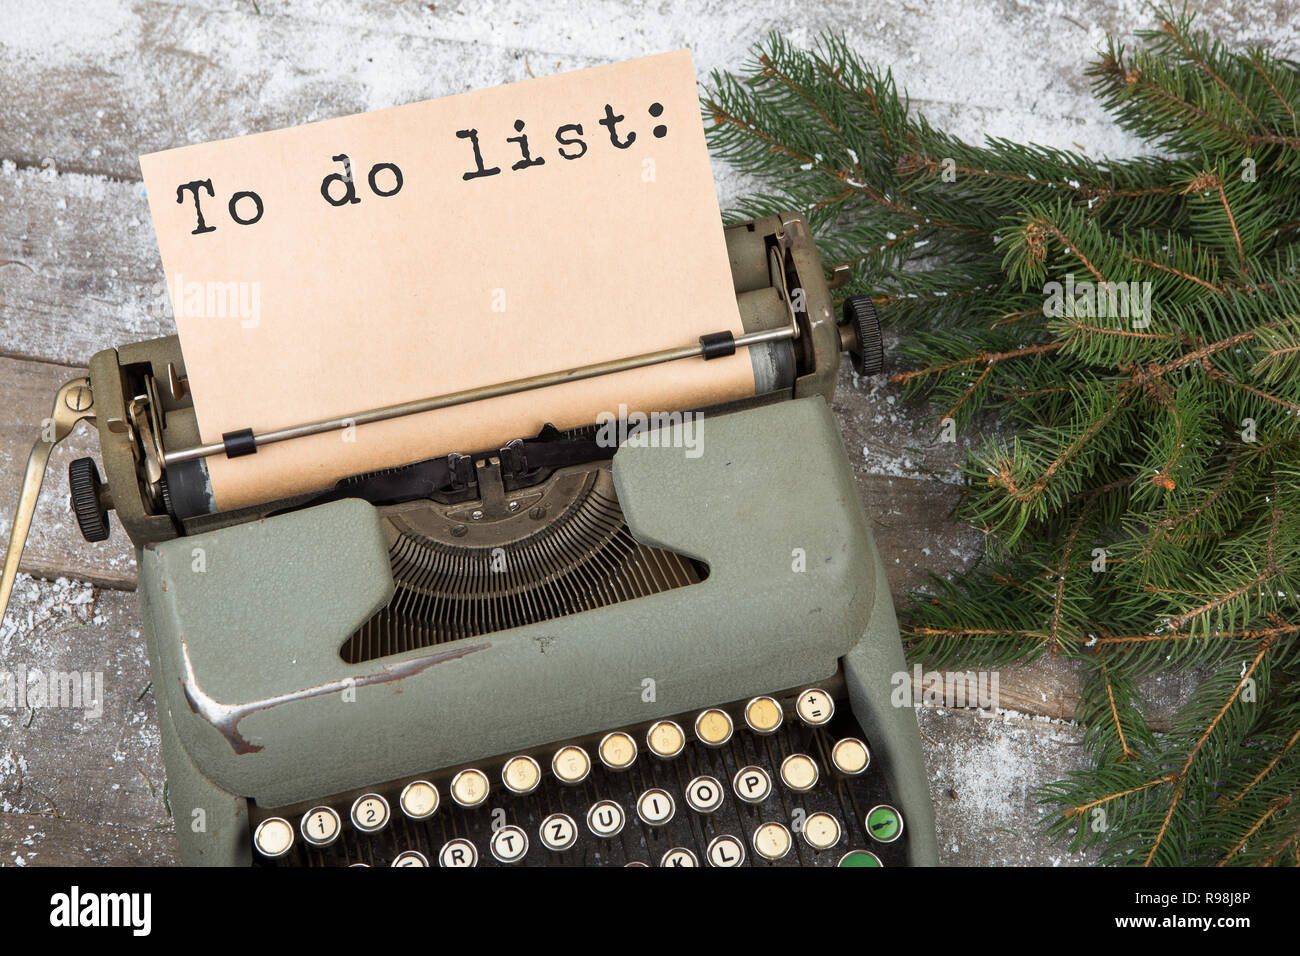 Concetto Di Natale Nastri Inchiostratori Per Macchine Da Scrivere Con La Scritta Lista Da Fare E Di Abete Rami Su Una Tavola Di Legno Foto Stock Alamy